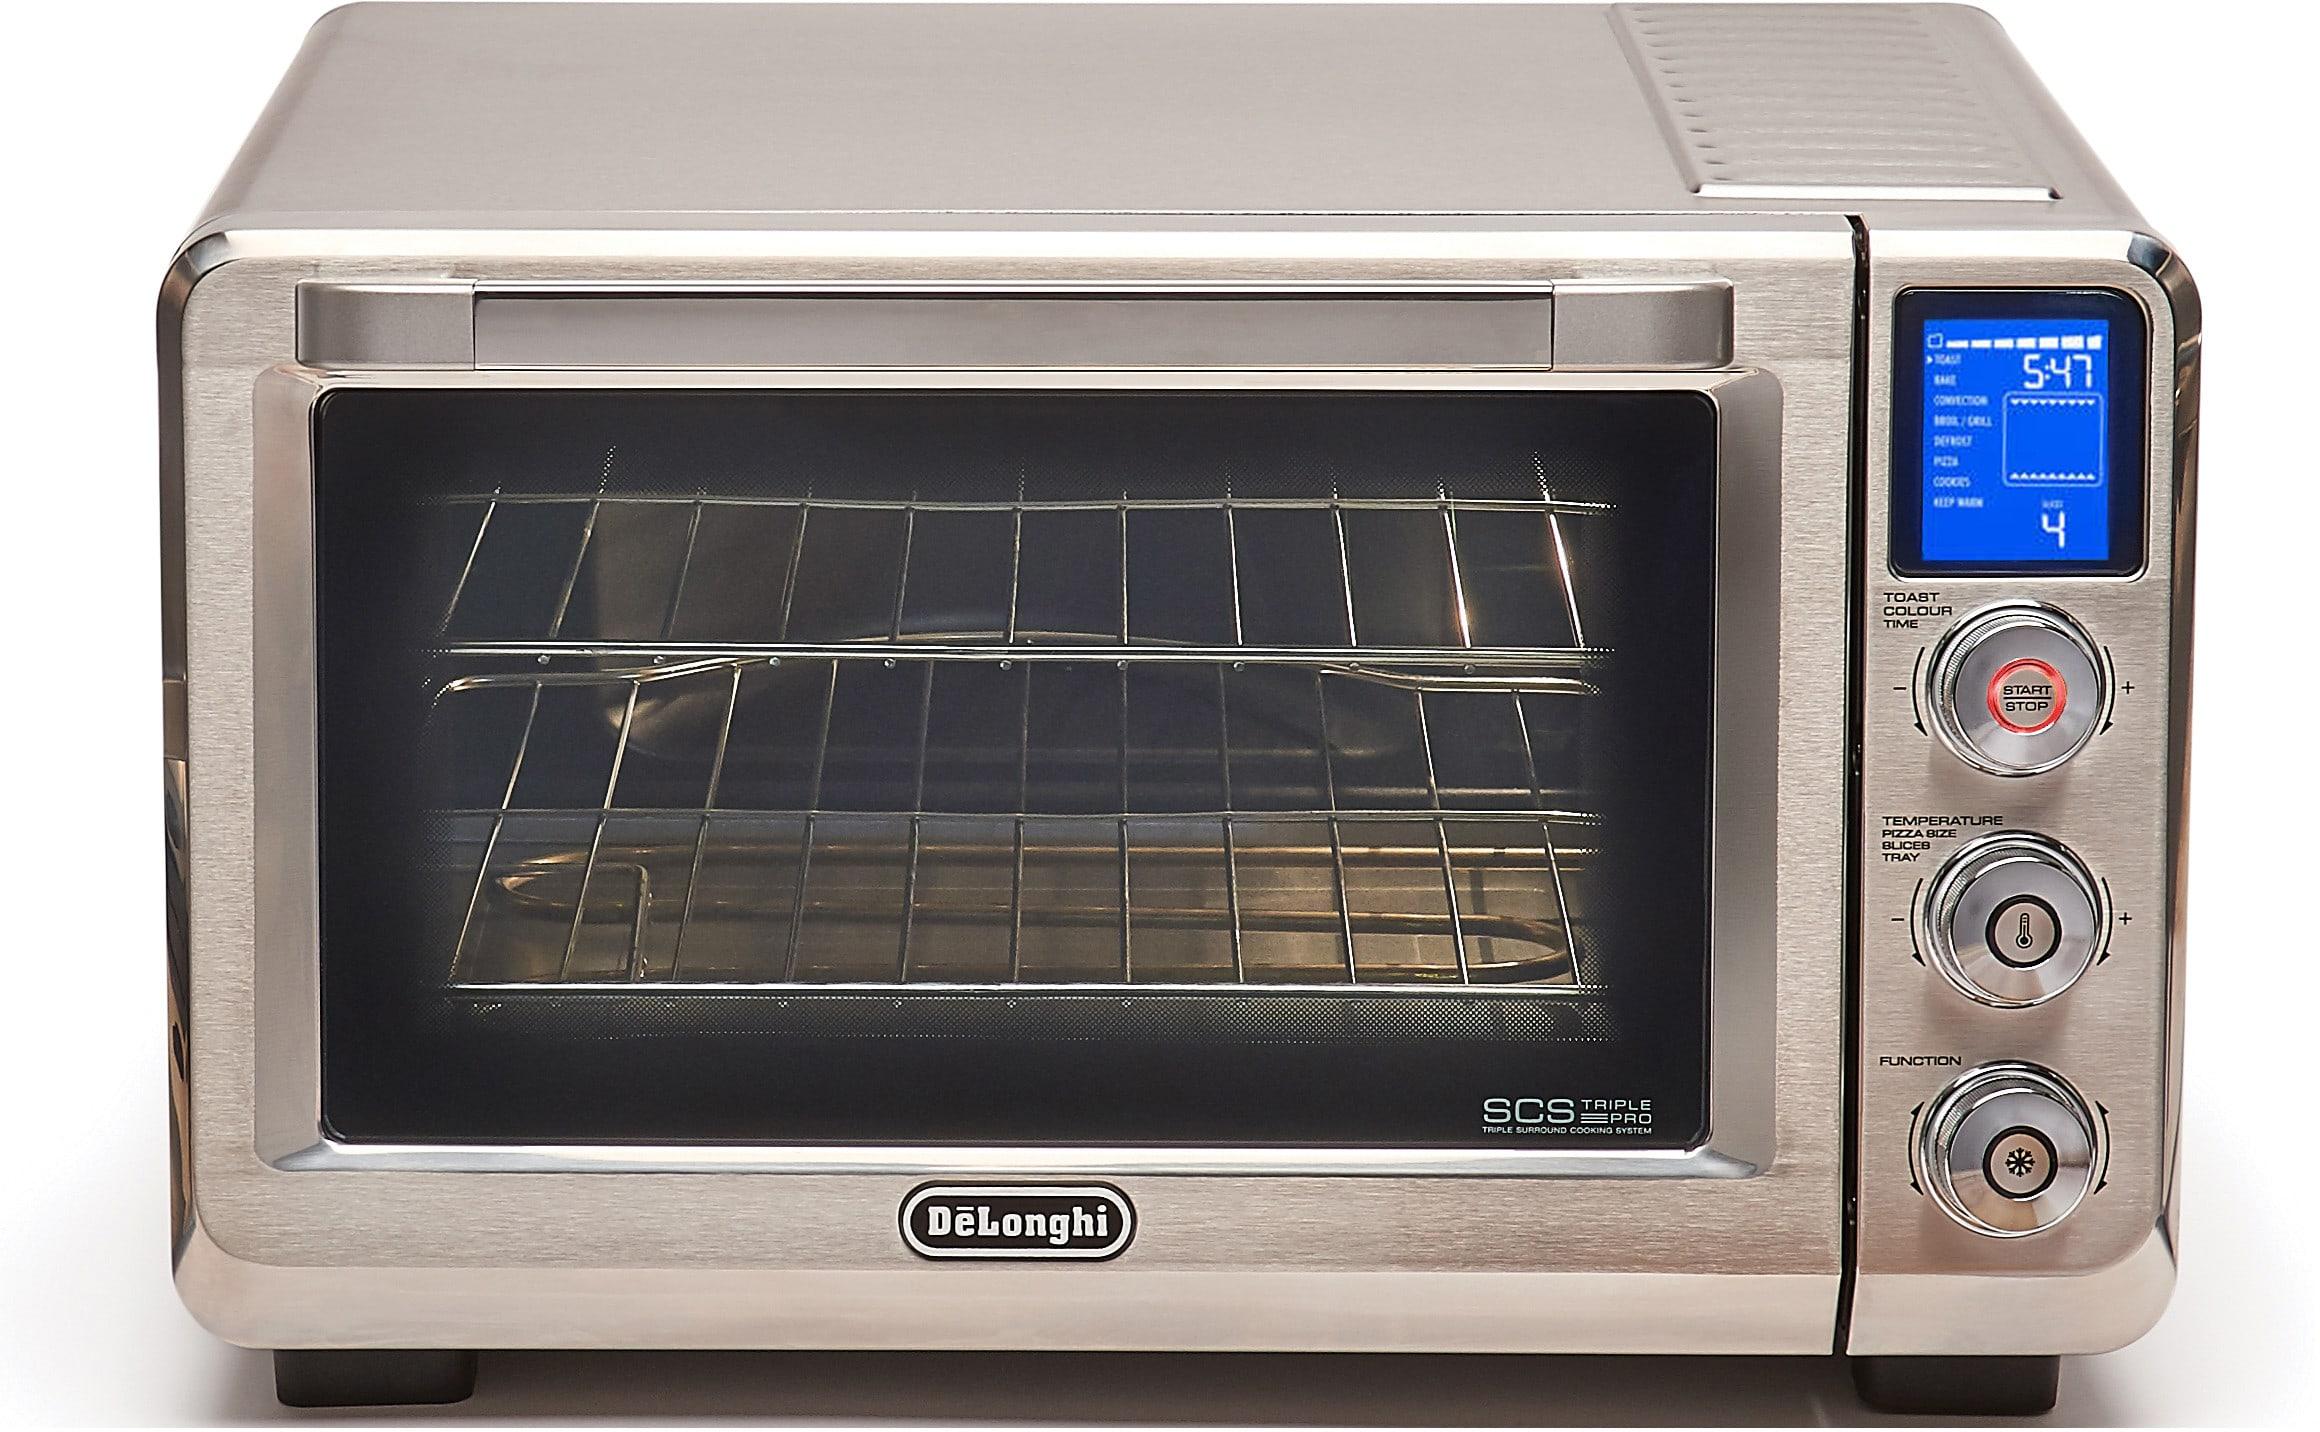 Delonghi Eo241250m Livenza Digital True Convection Oven